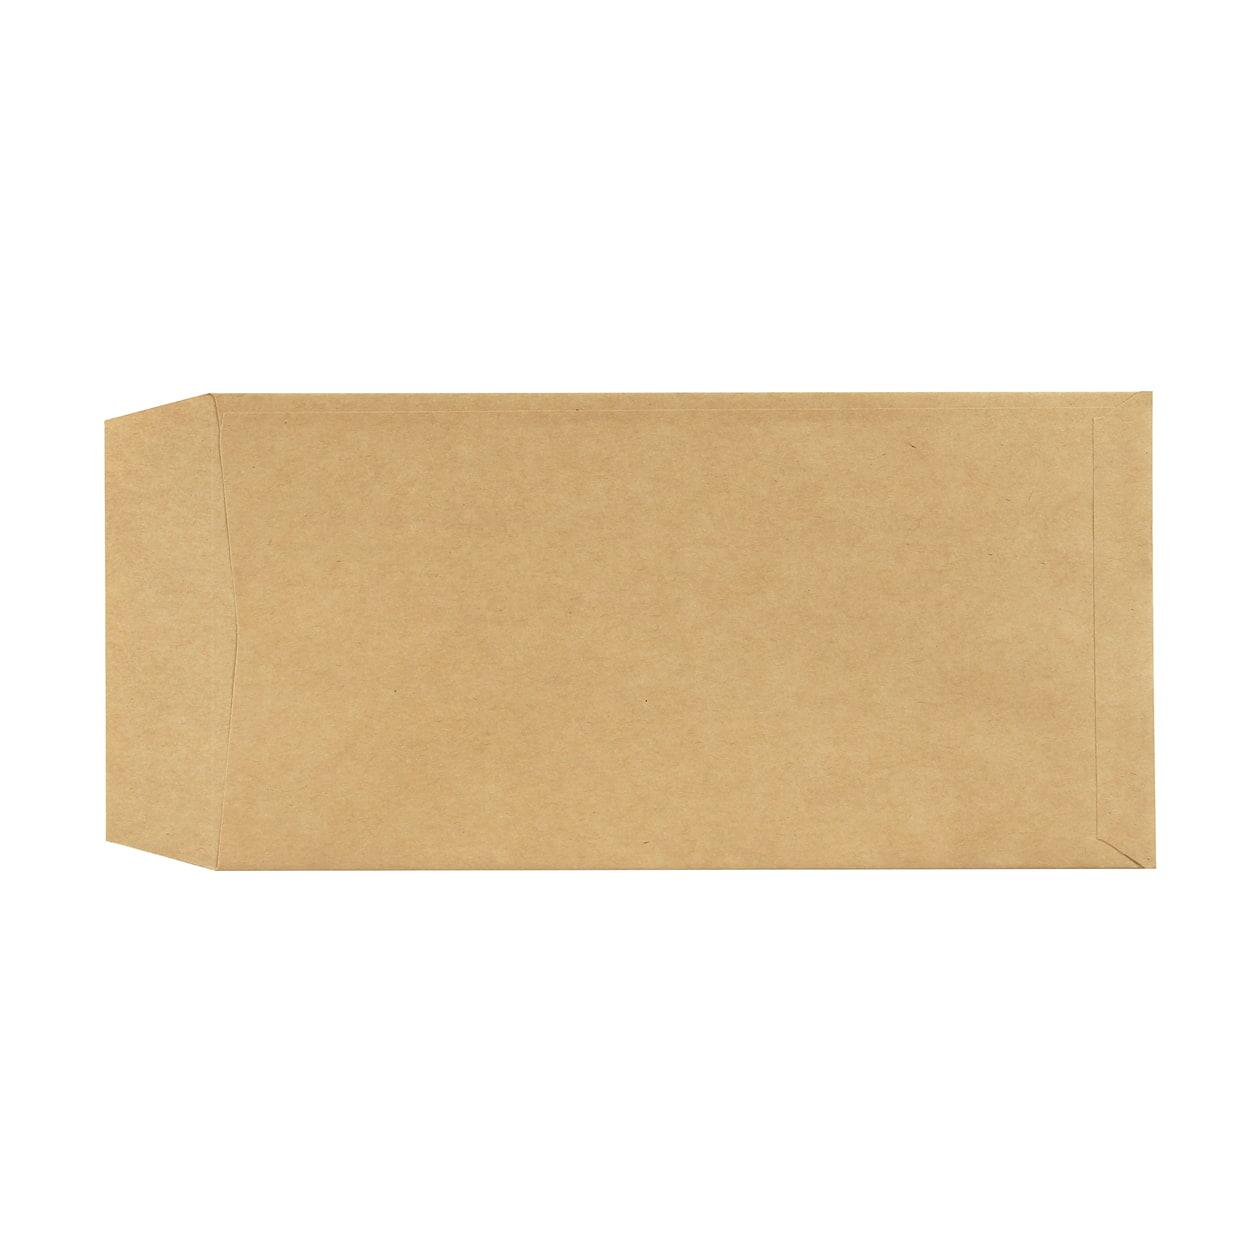 サンプル 封筒・袋 00172